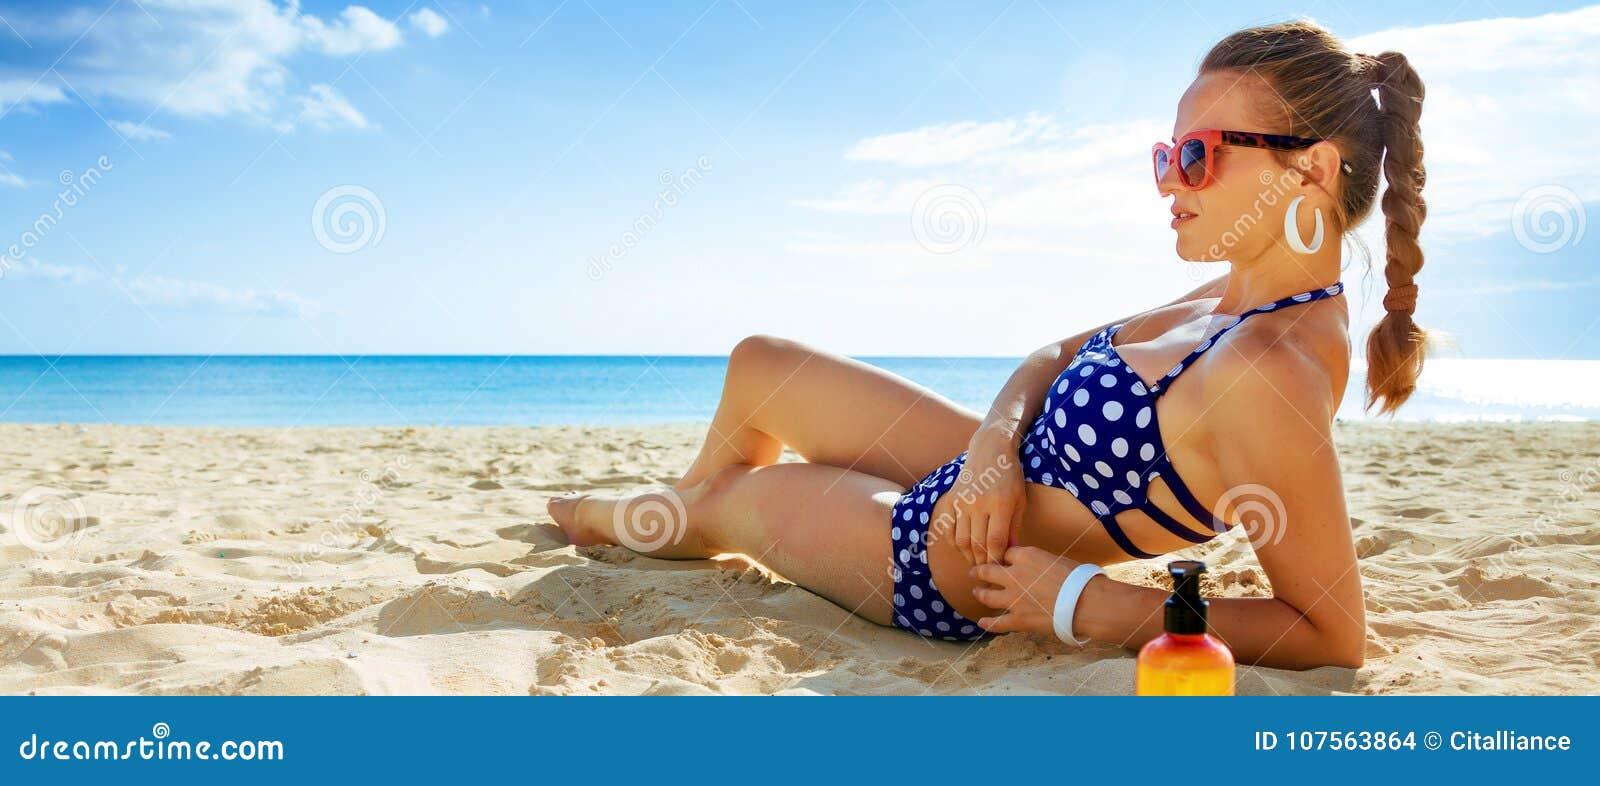 Jonge vrouw in swimwear bij zeekust het zonnebaden